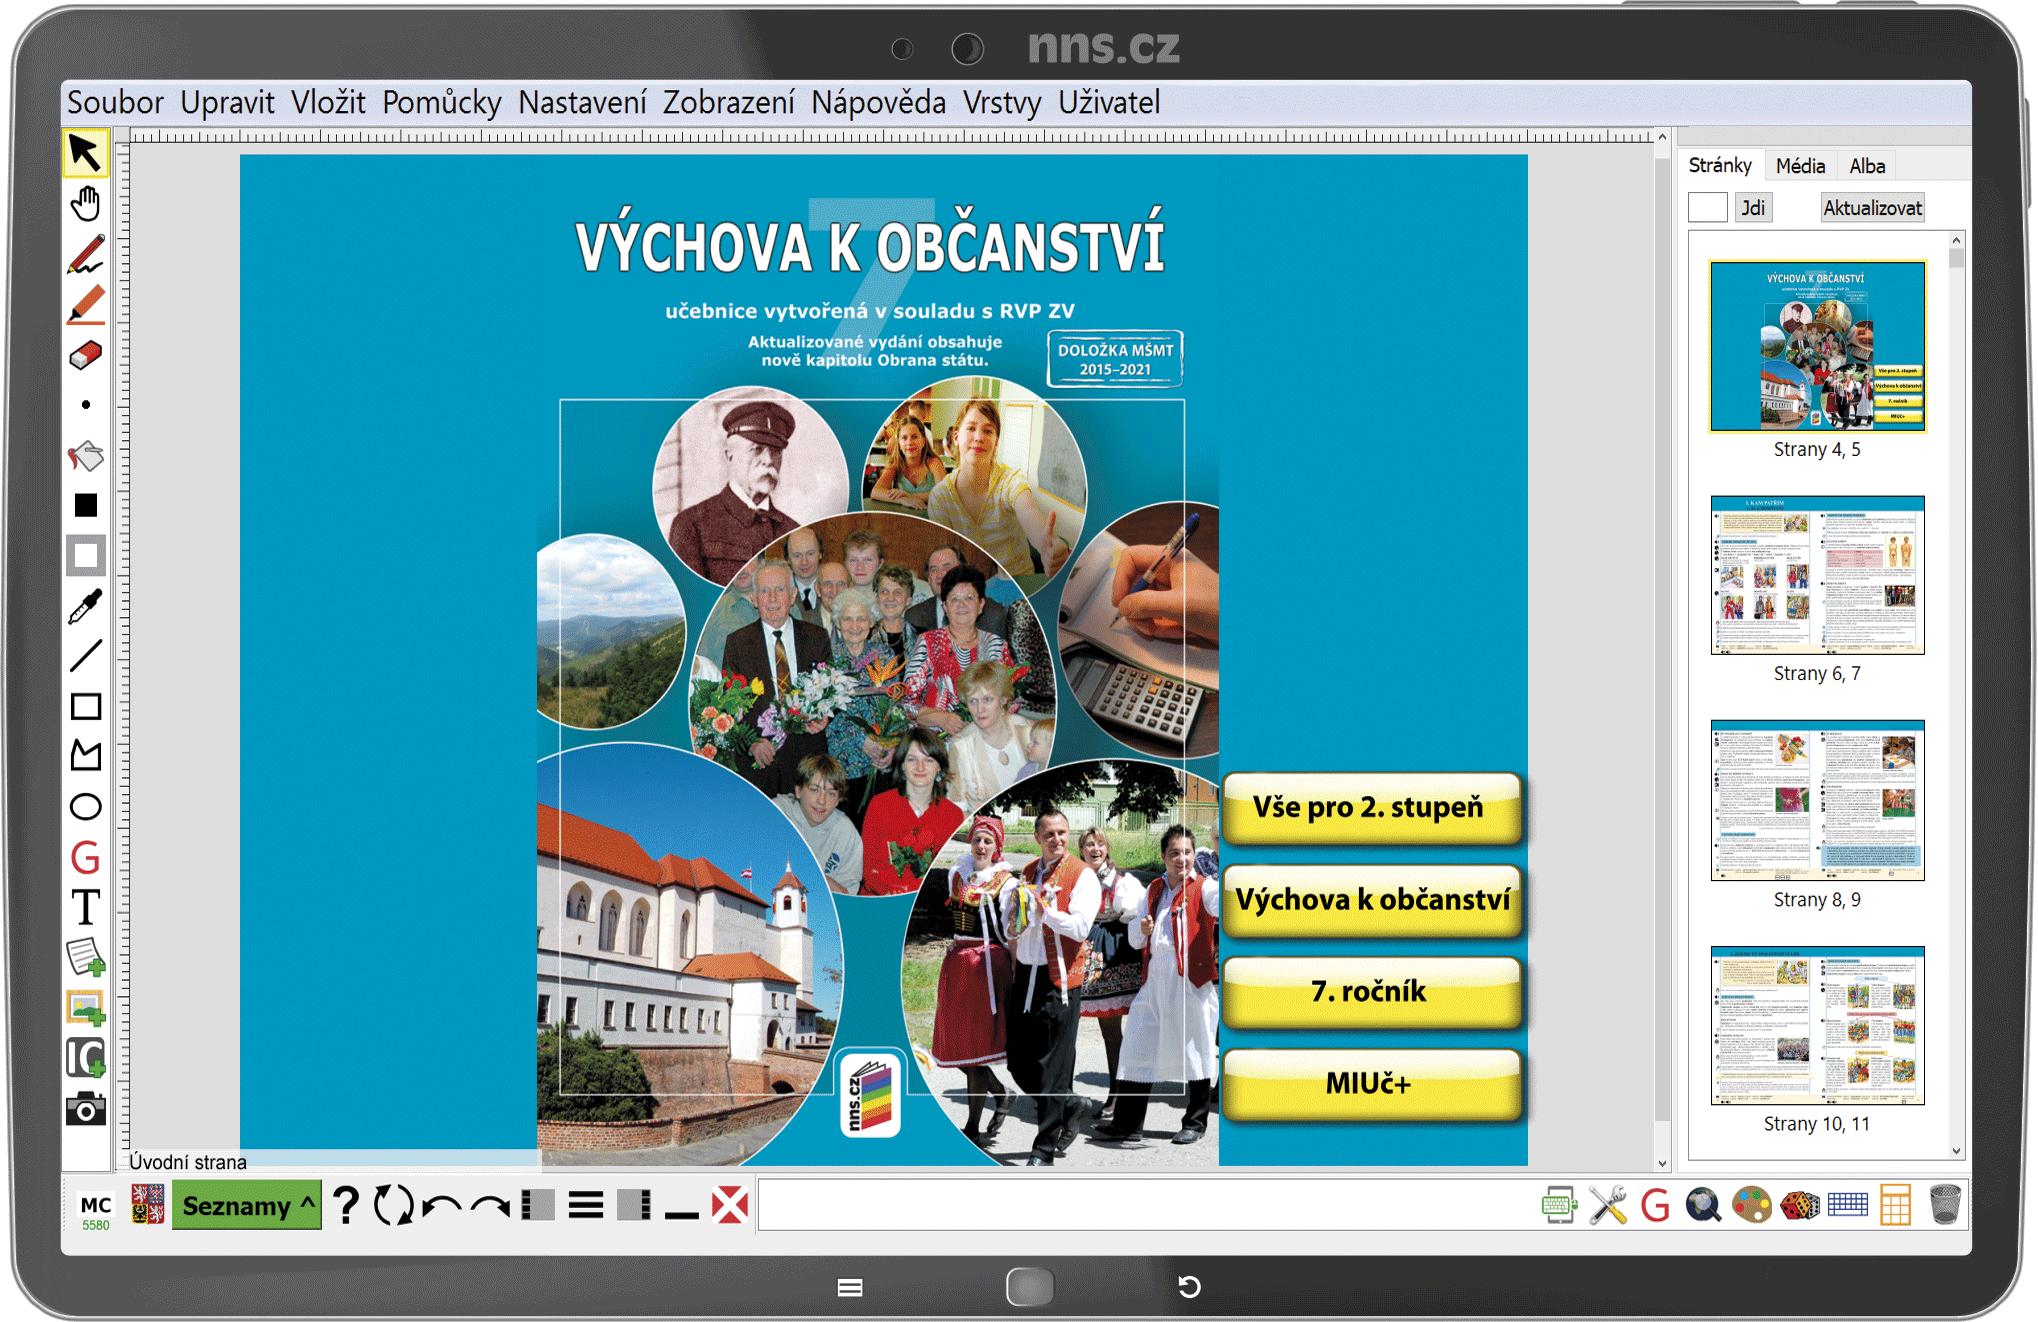 MIUč+ Výchova k občanství 7 - šk. multilicence na 1 šk. rok